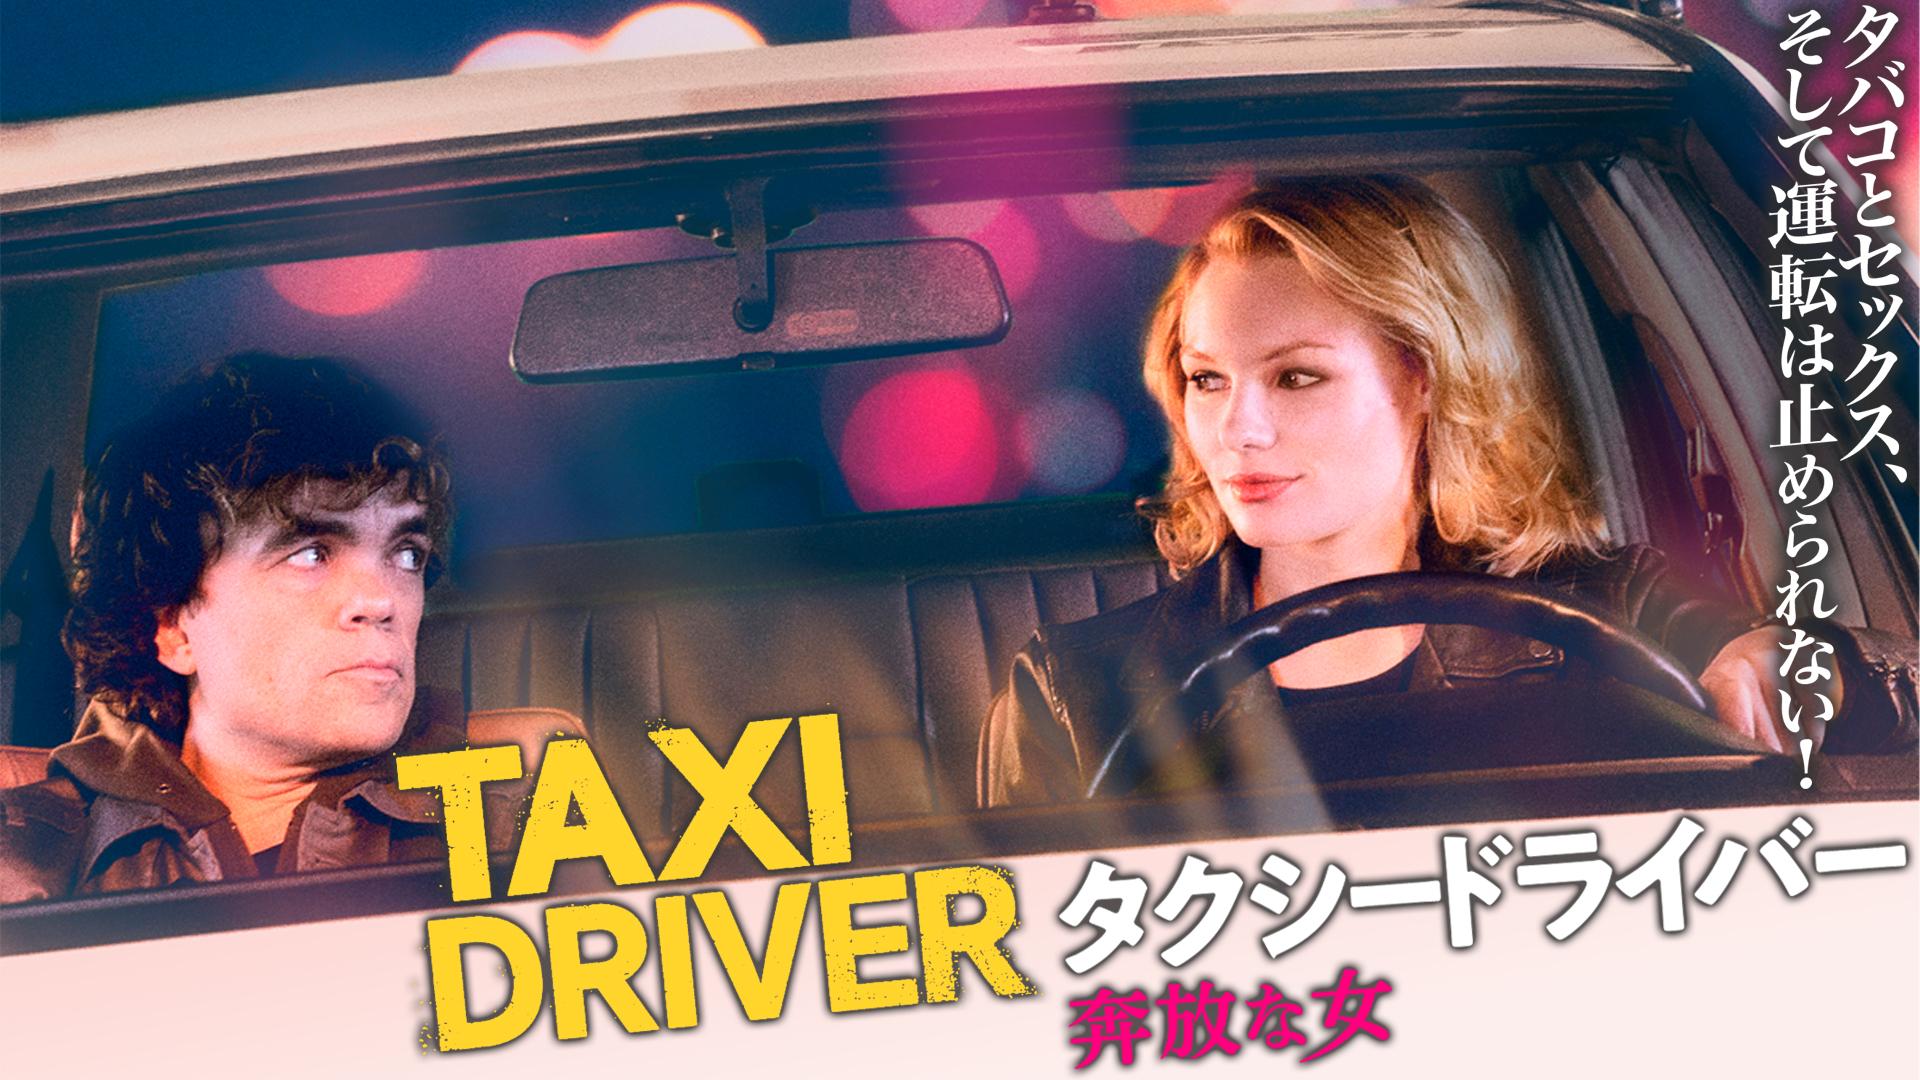 タクシードライバー 奔放な女(字幕版)